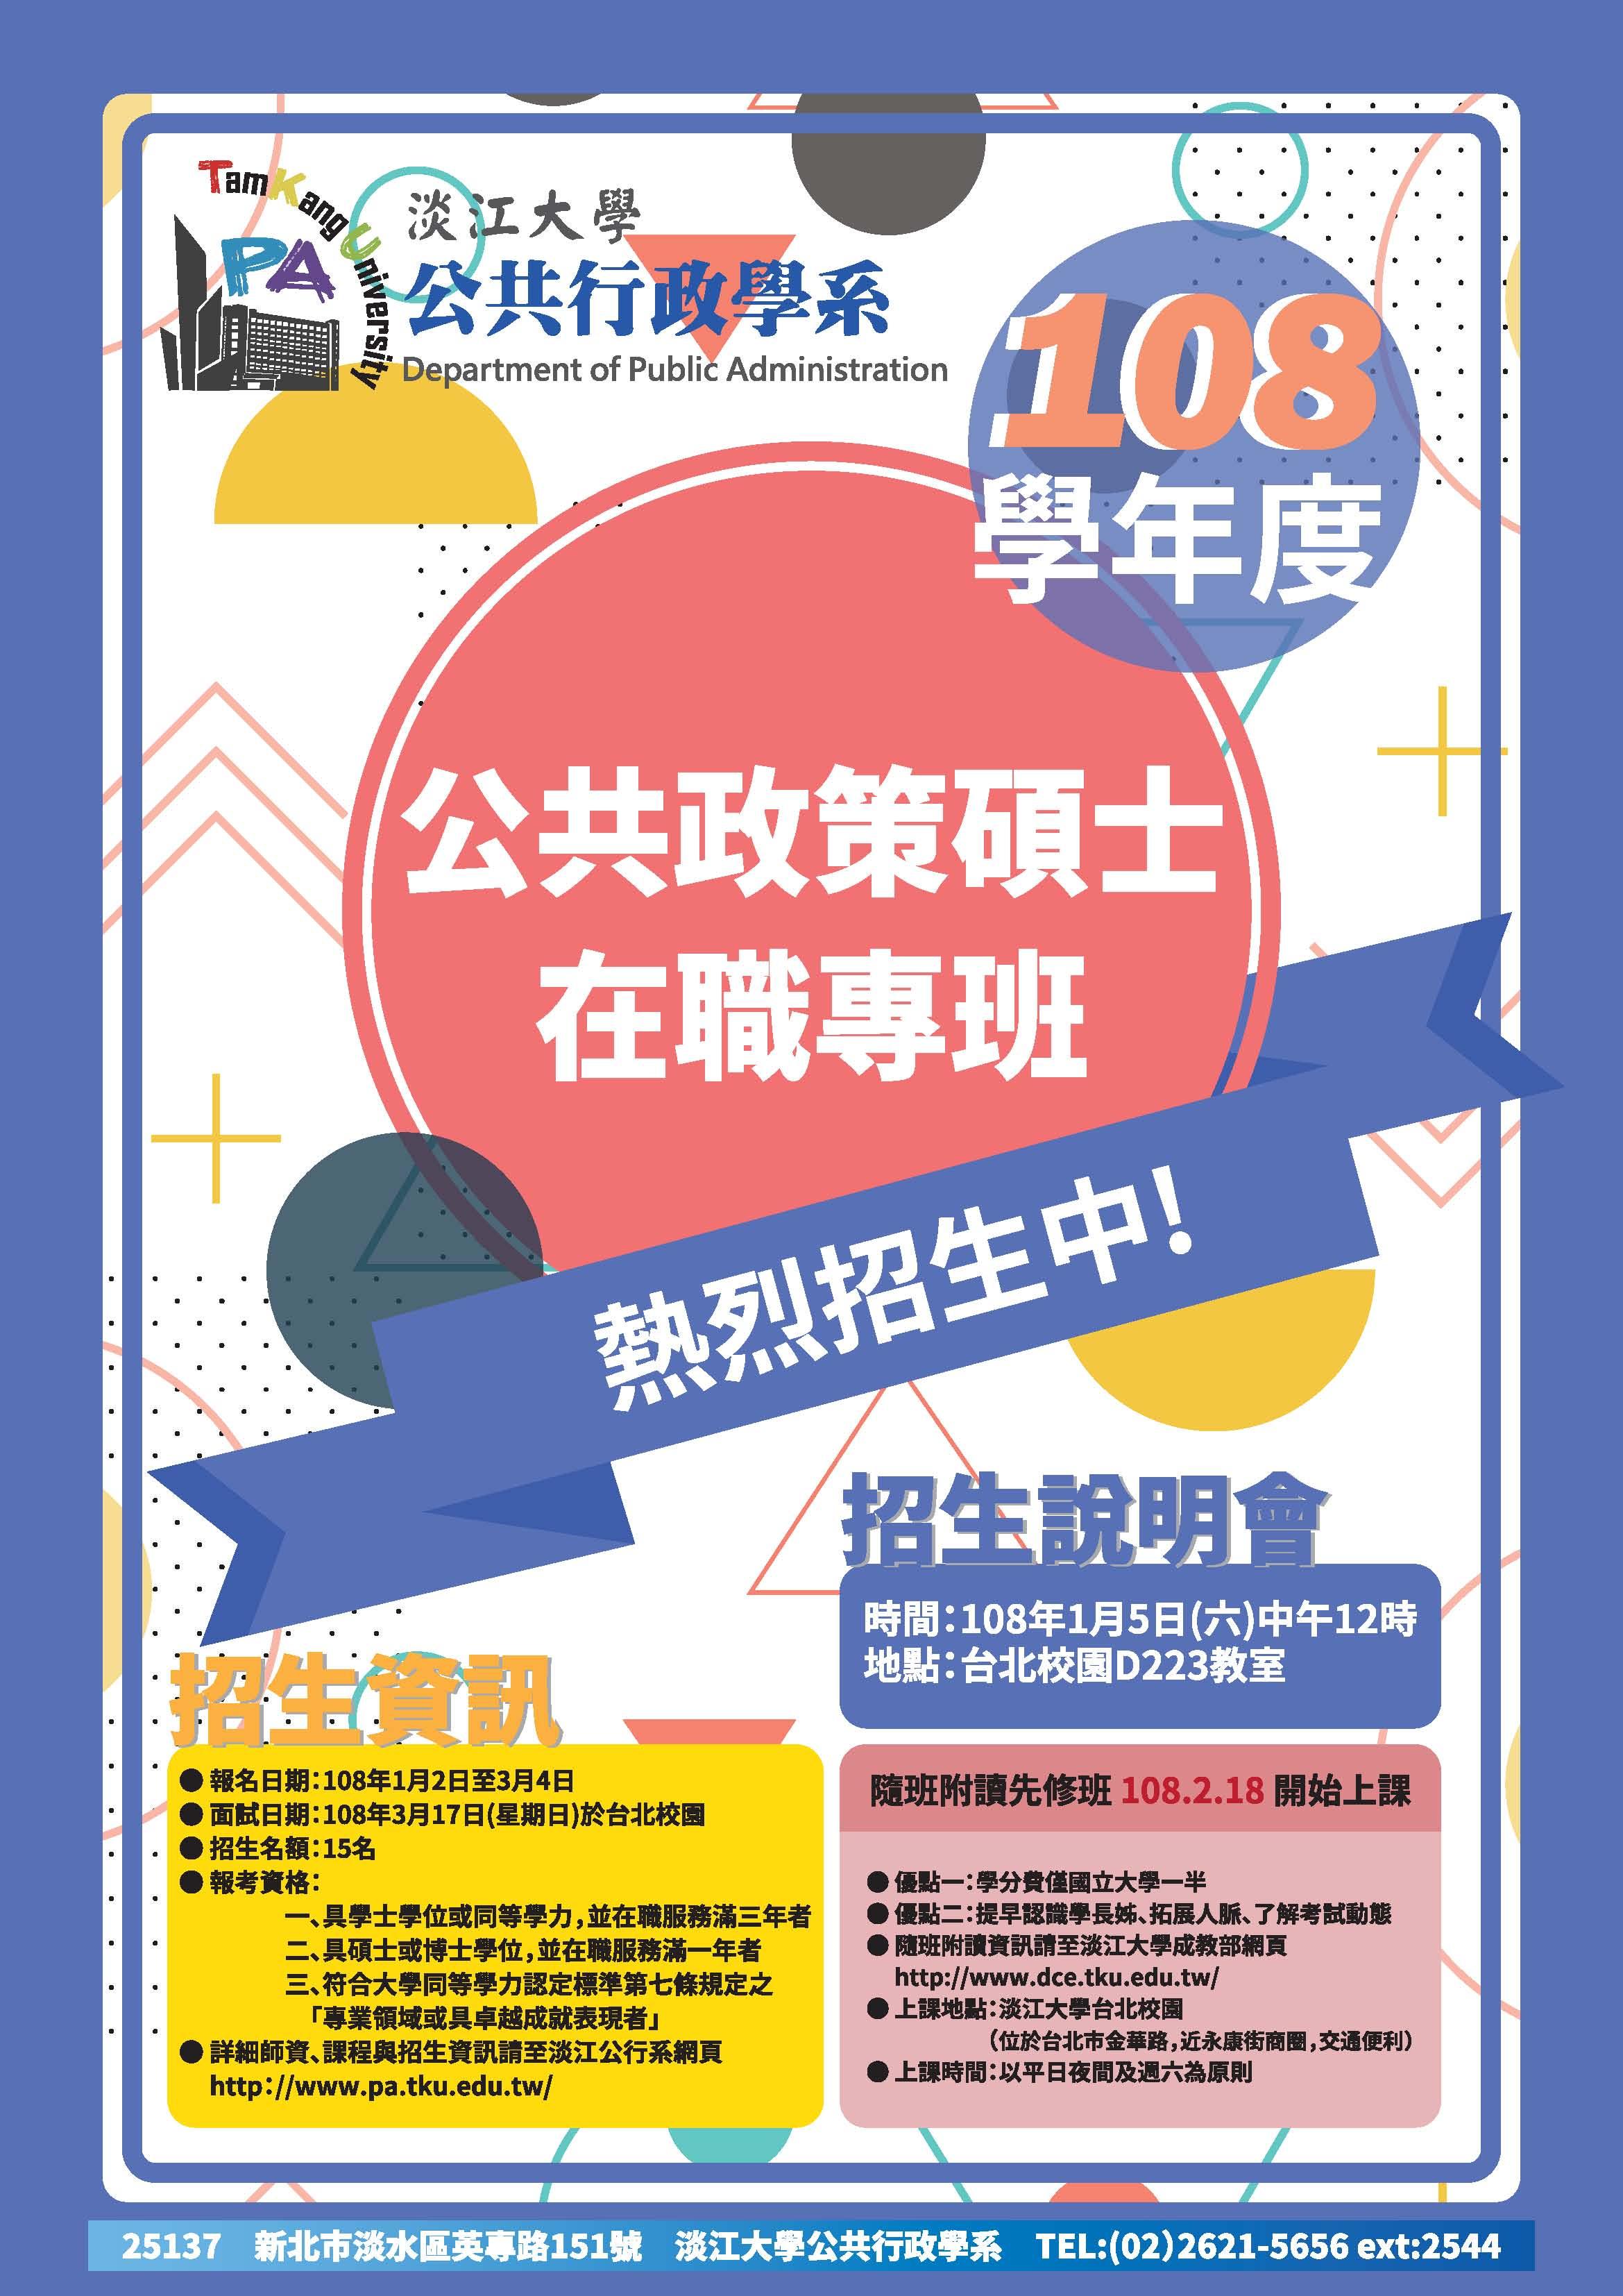 活動海報:108學年度公行系碩專班招生